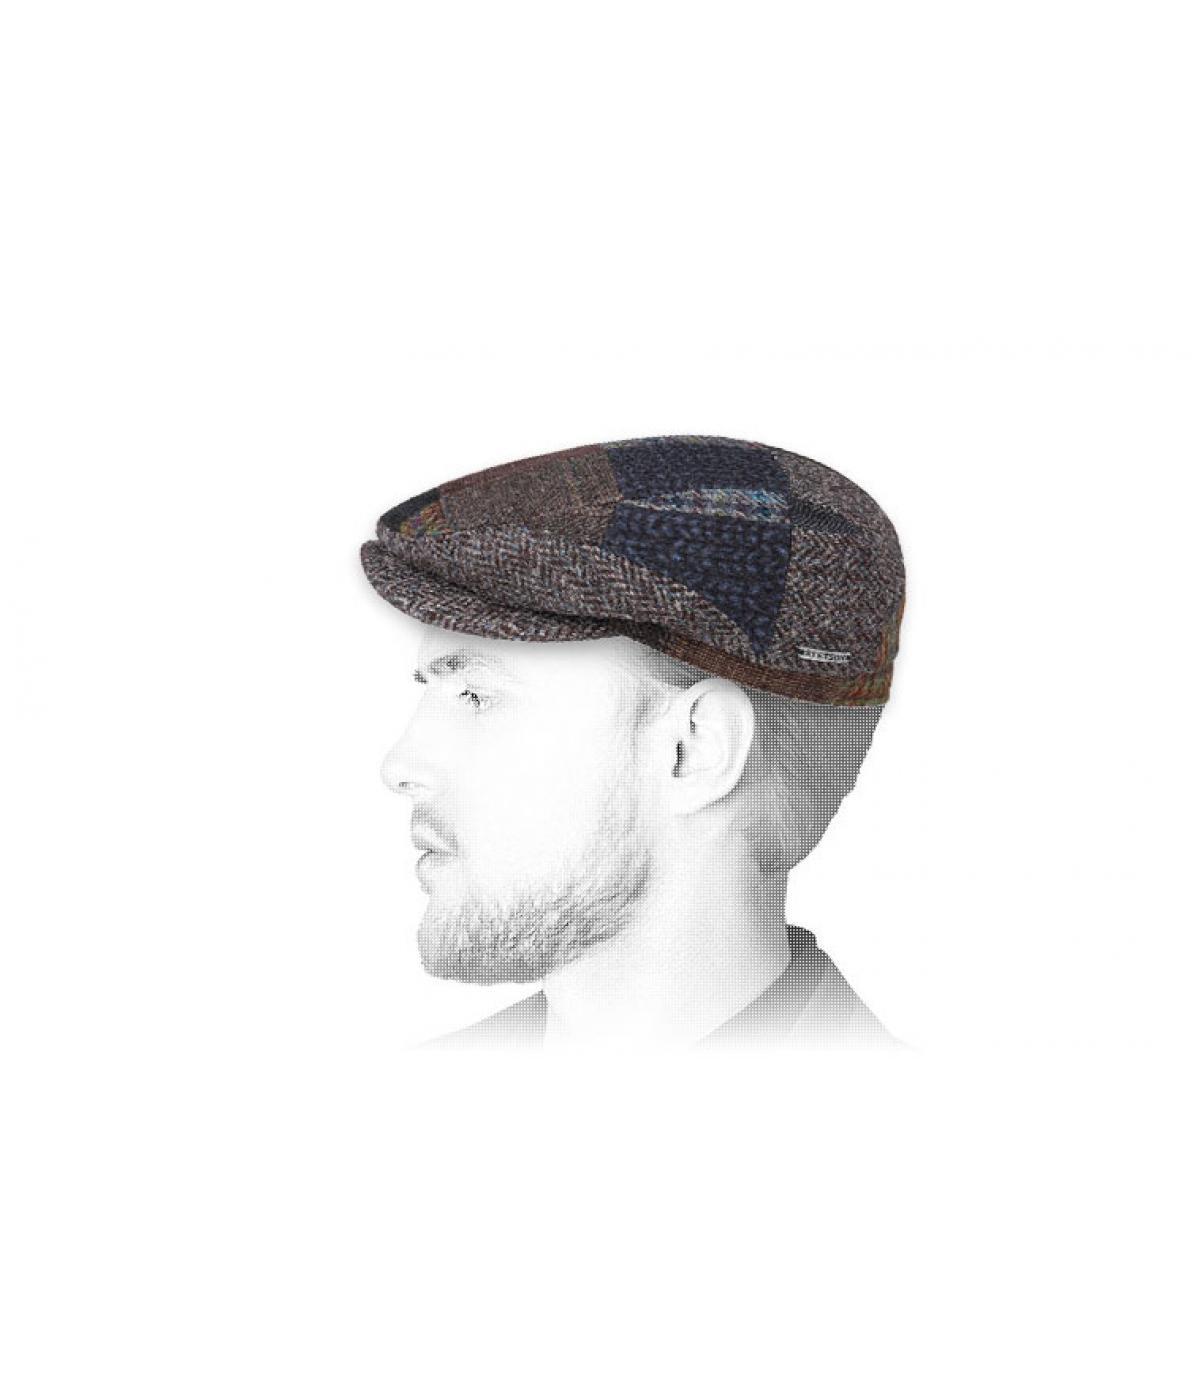 Buy men ivy cap - Online ivy caps shop a0dbc9cb9204